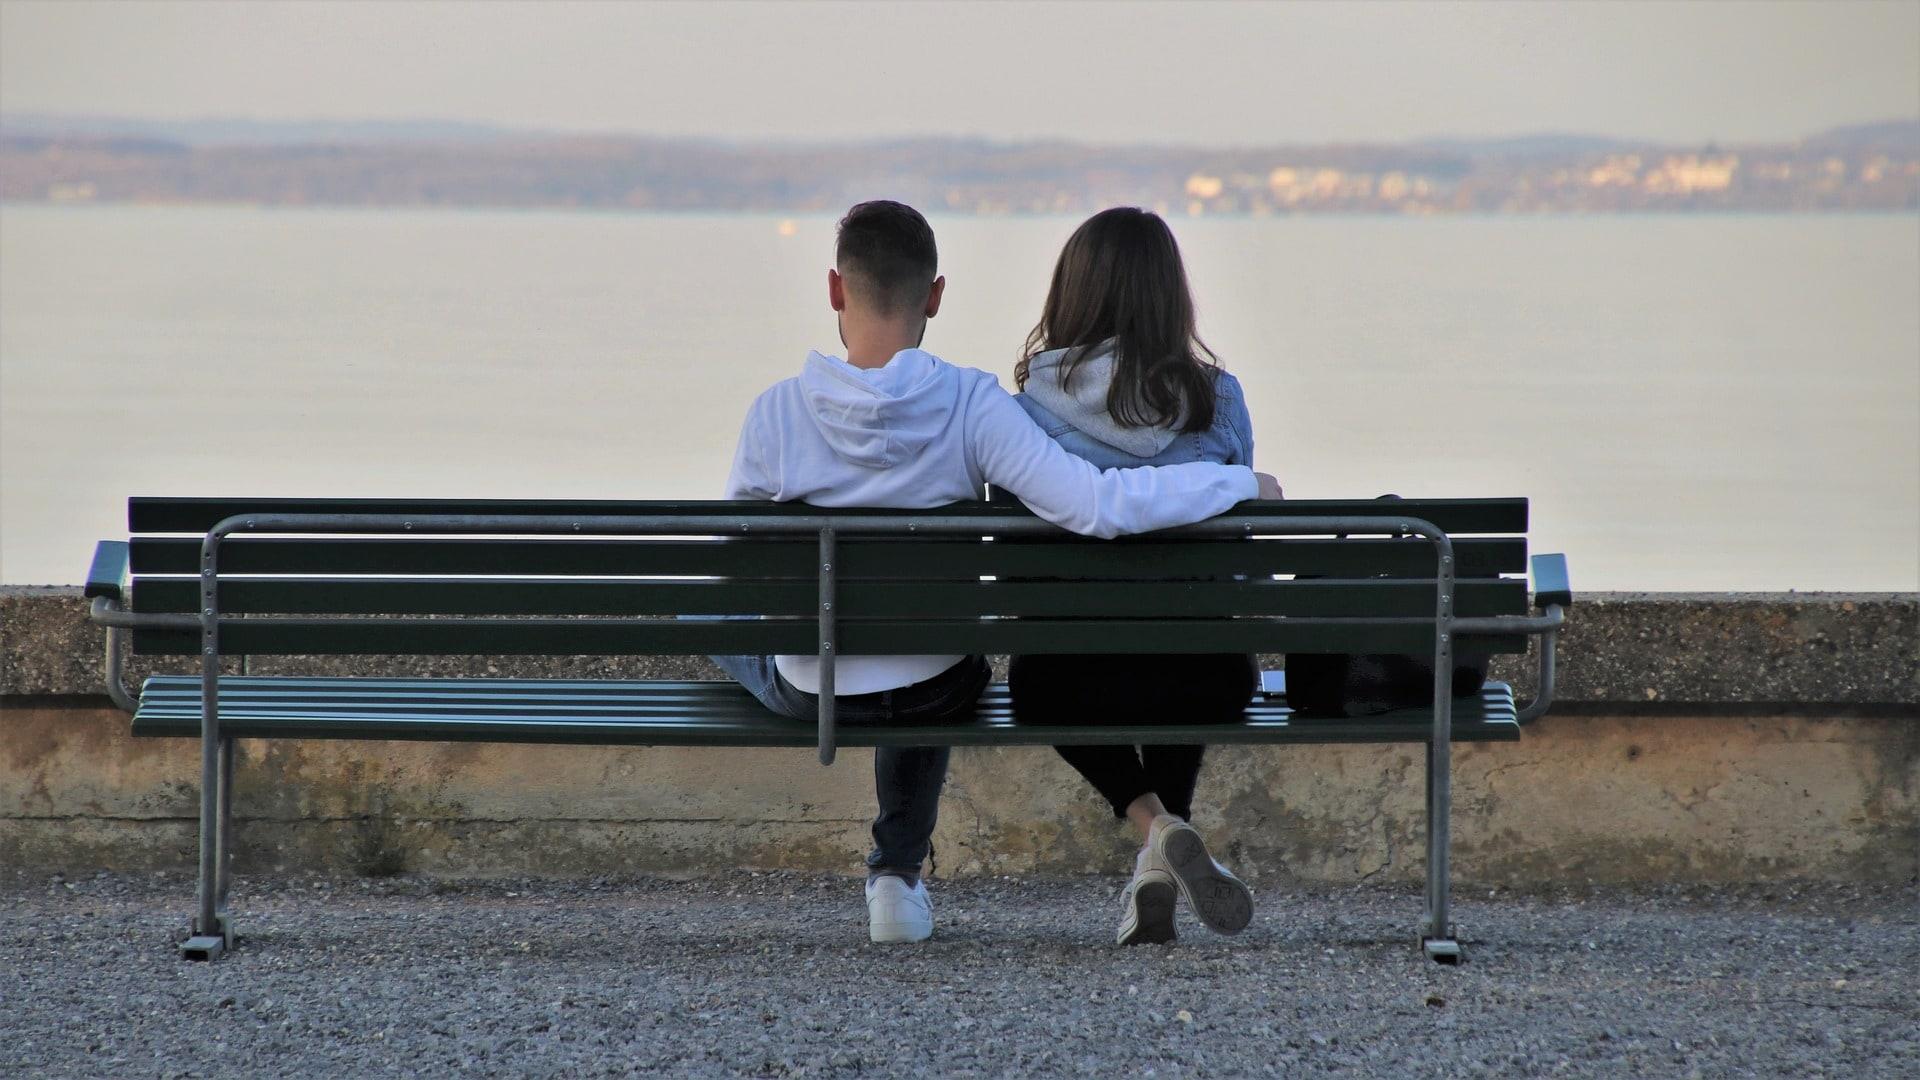 Если женщина оскорбляет мужчину в отношениях из-за проблем со здоровьем, то следует вести ее к доктору